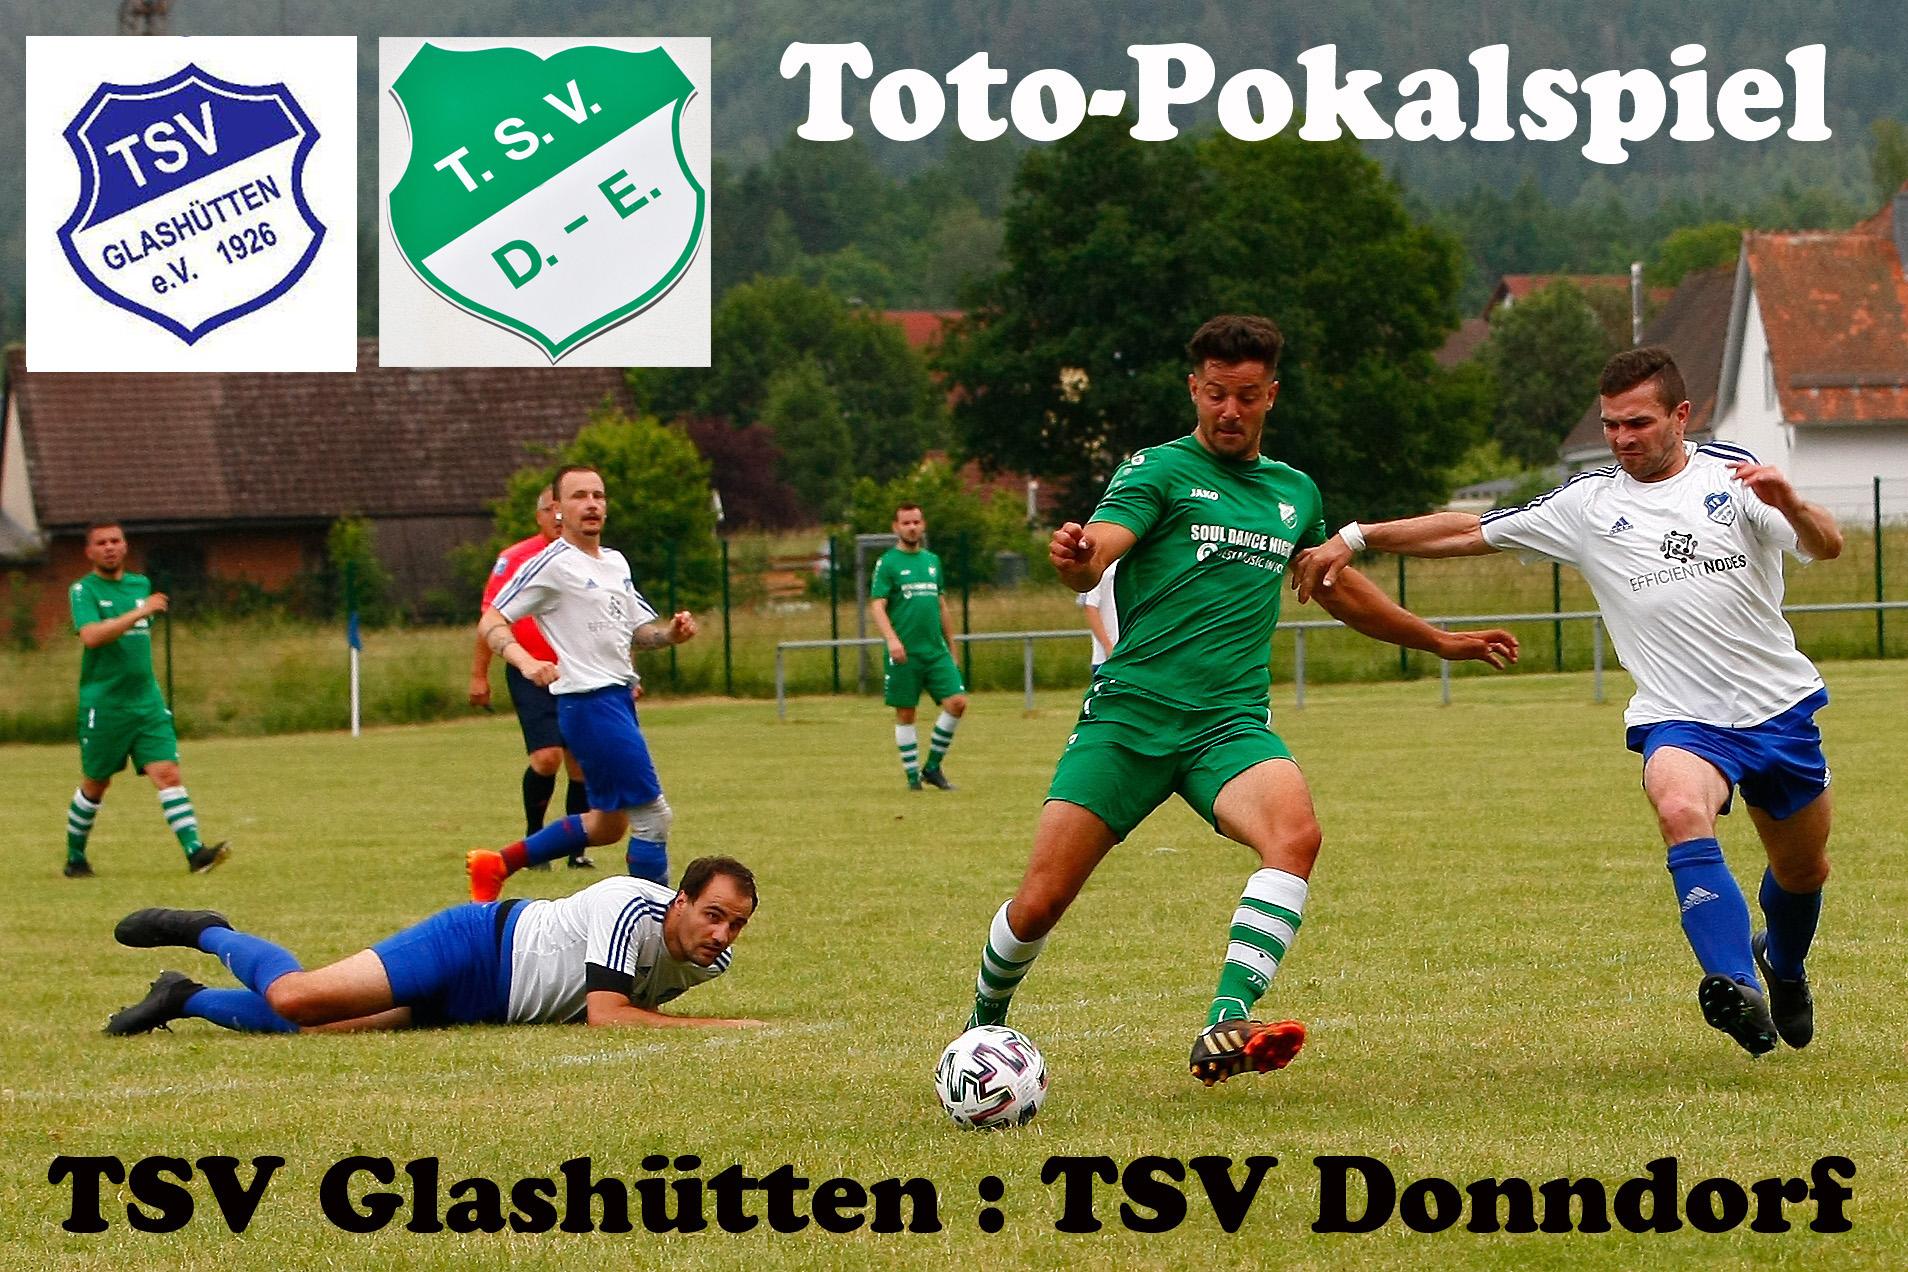 - Kantersieg zum Auftakt – Überzeugender Sieg im Totopokal für den TSV Donndorf -